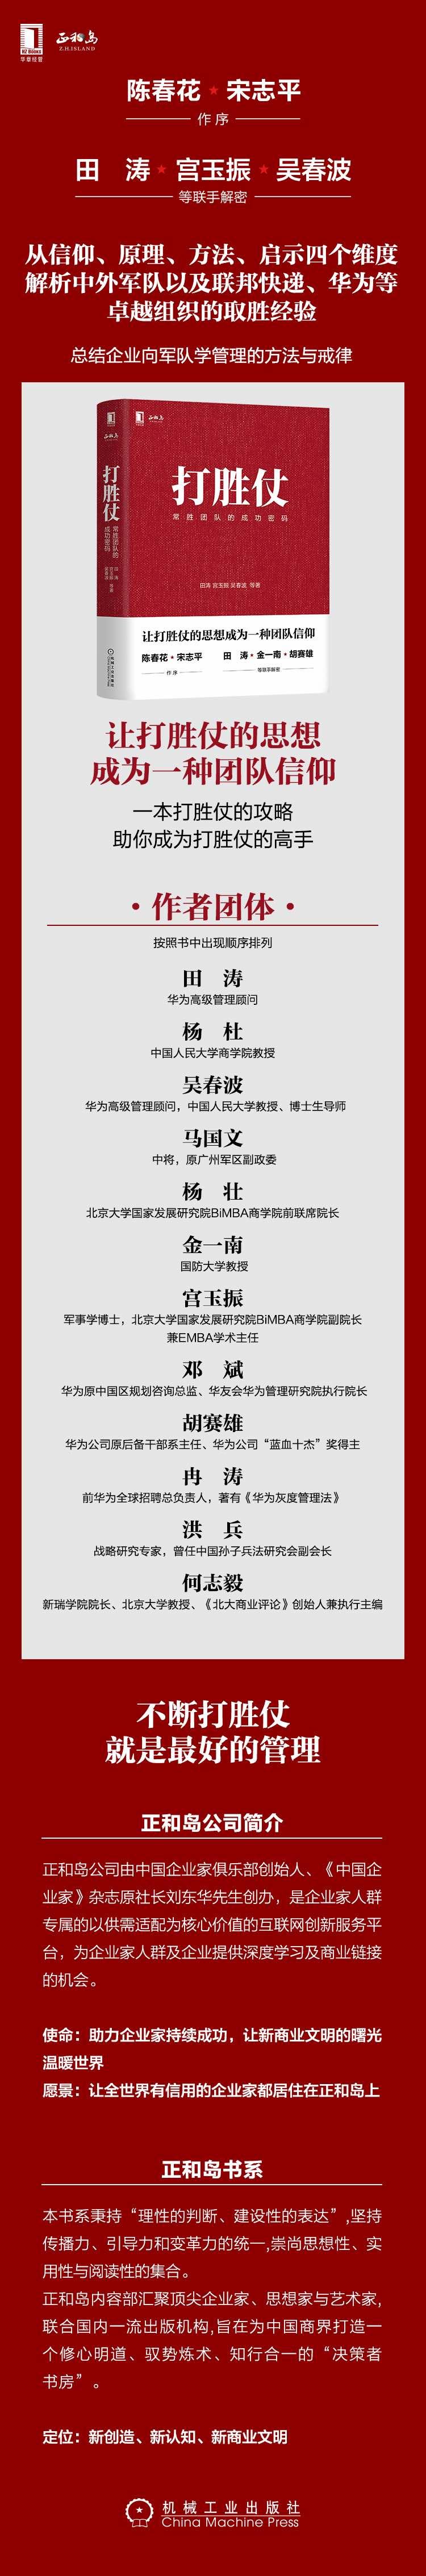 打胜仗 高清海报 2